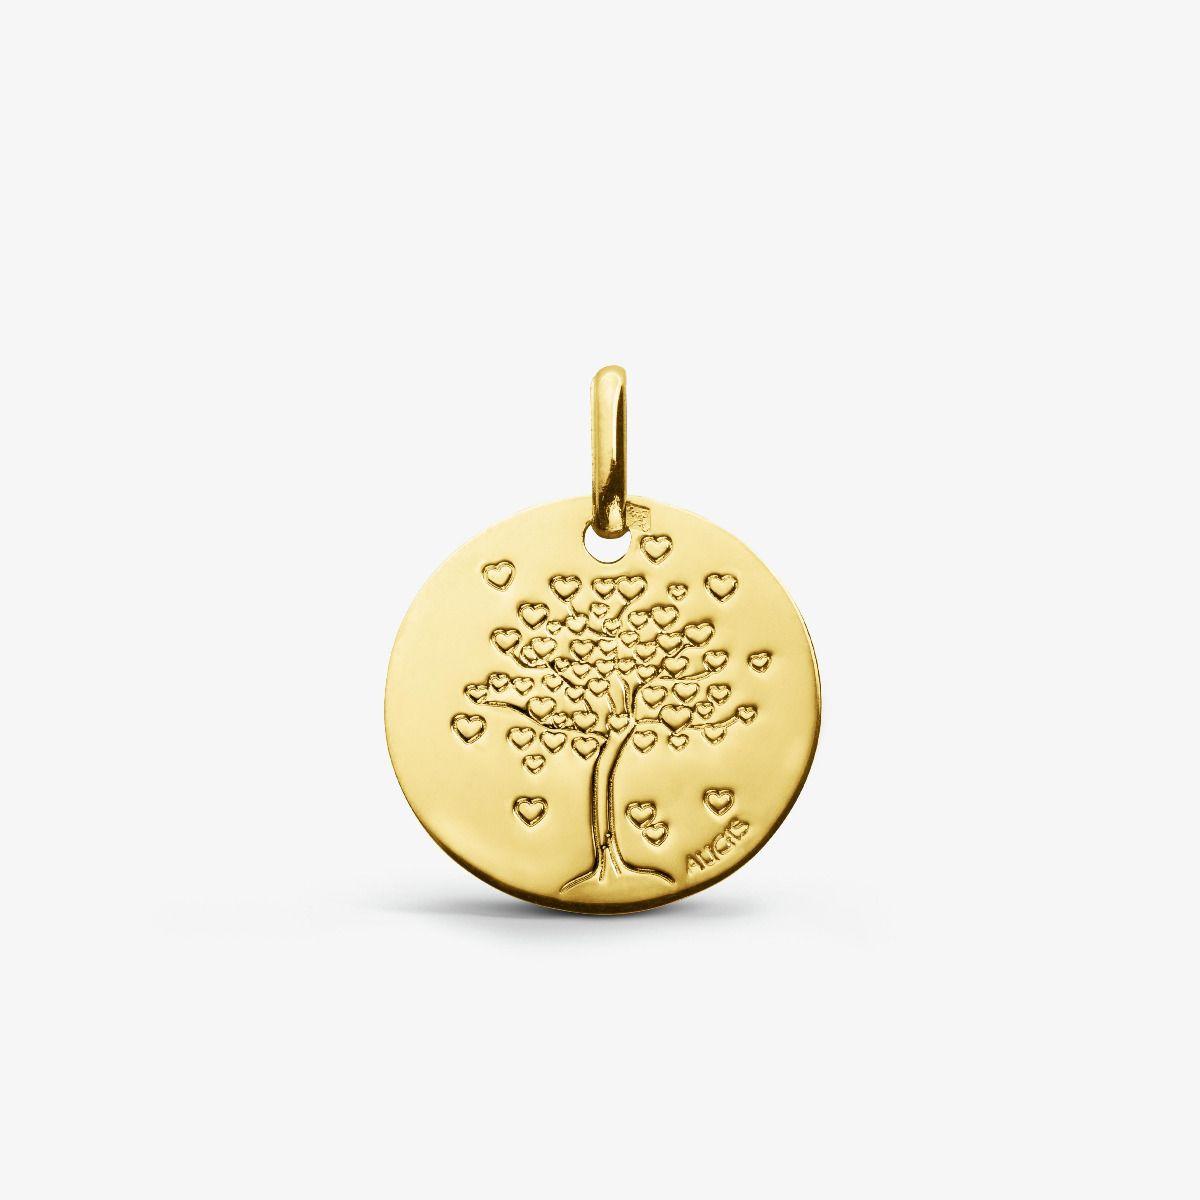 Médaille Arbre aux cœurs en Or Jaune 18 carats - 14 mm